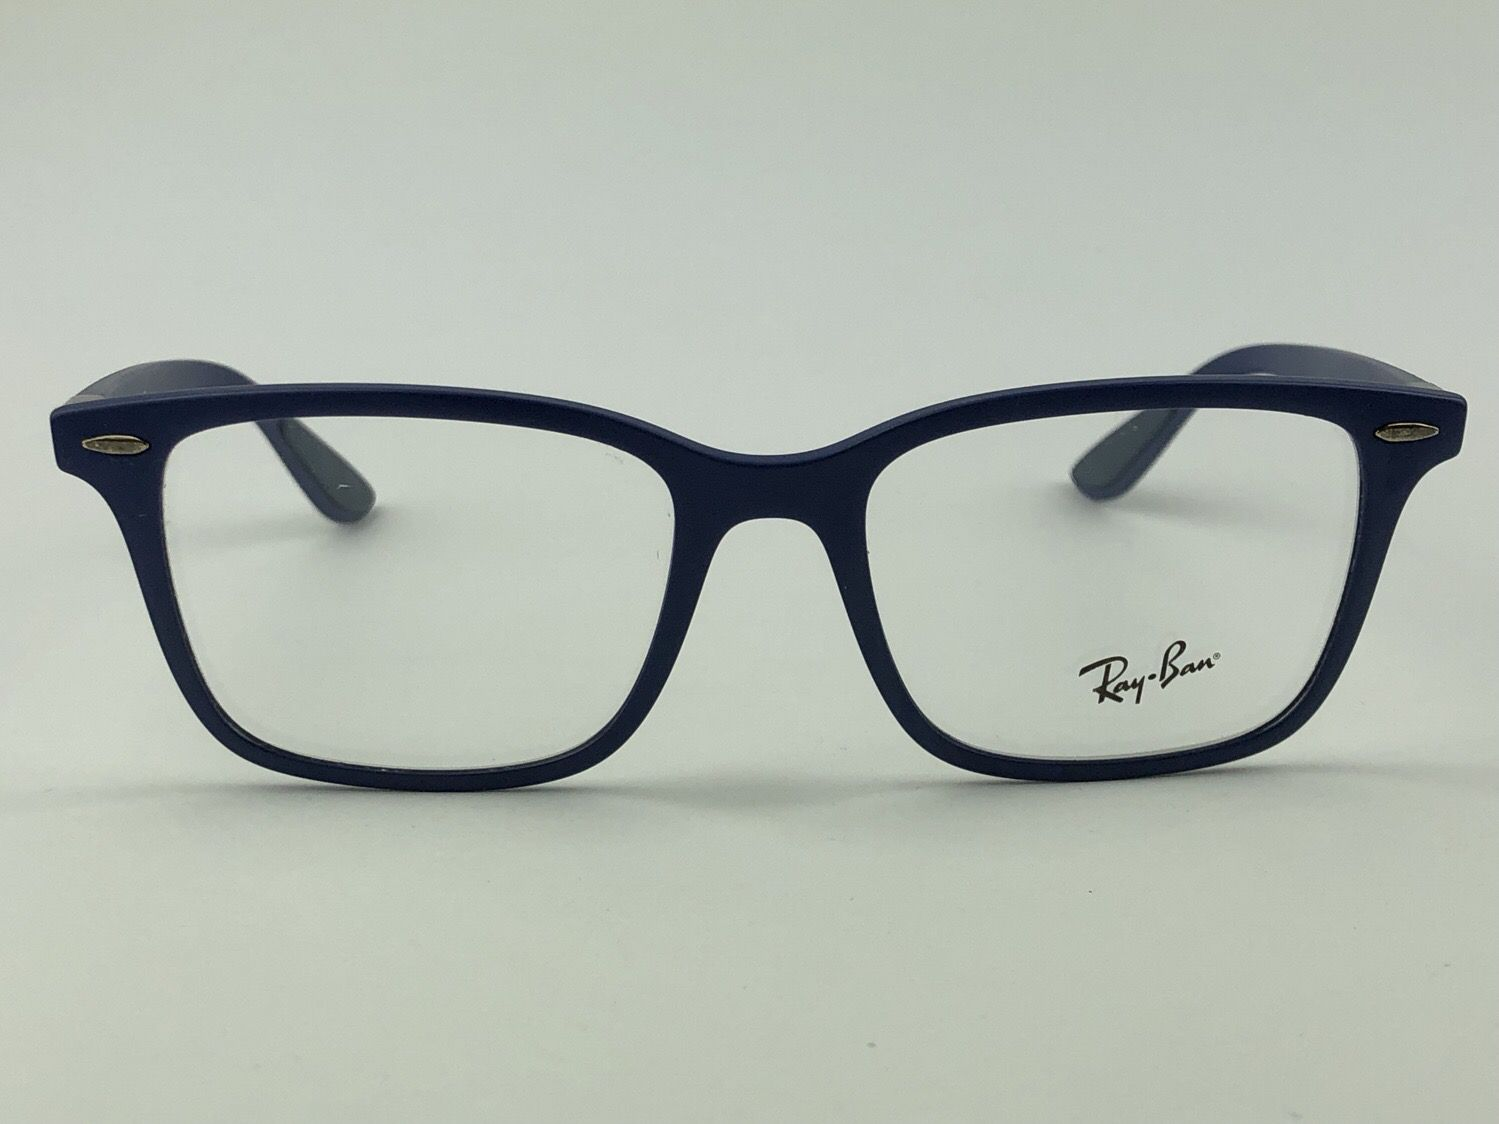 Ray Ban Optical - RX7144 - Azul - 5207 - 53/18 - Armação para grau